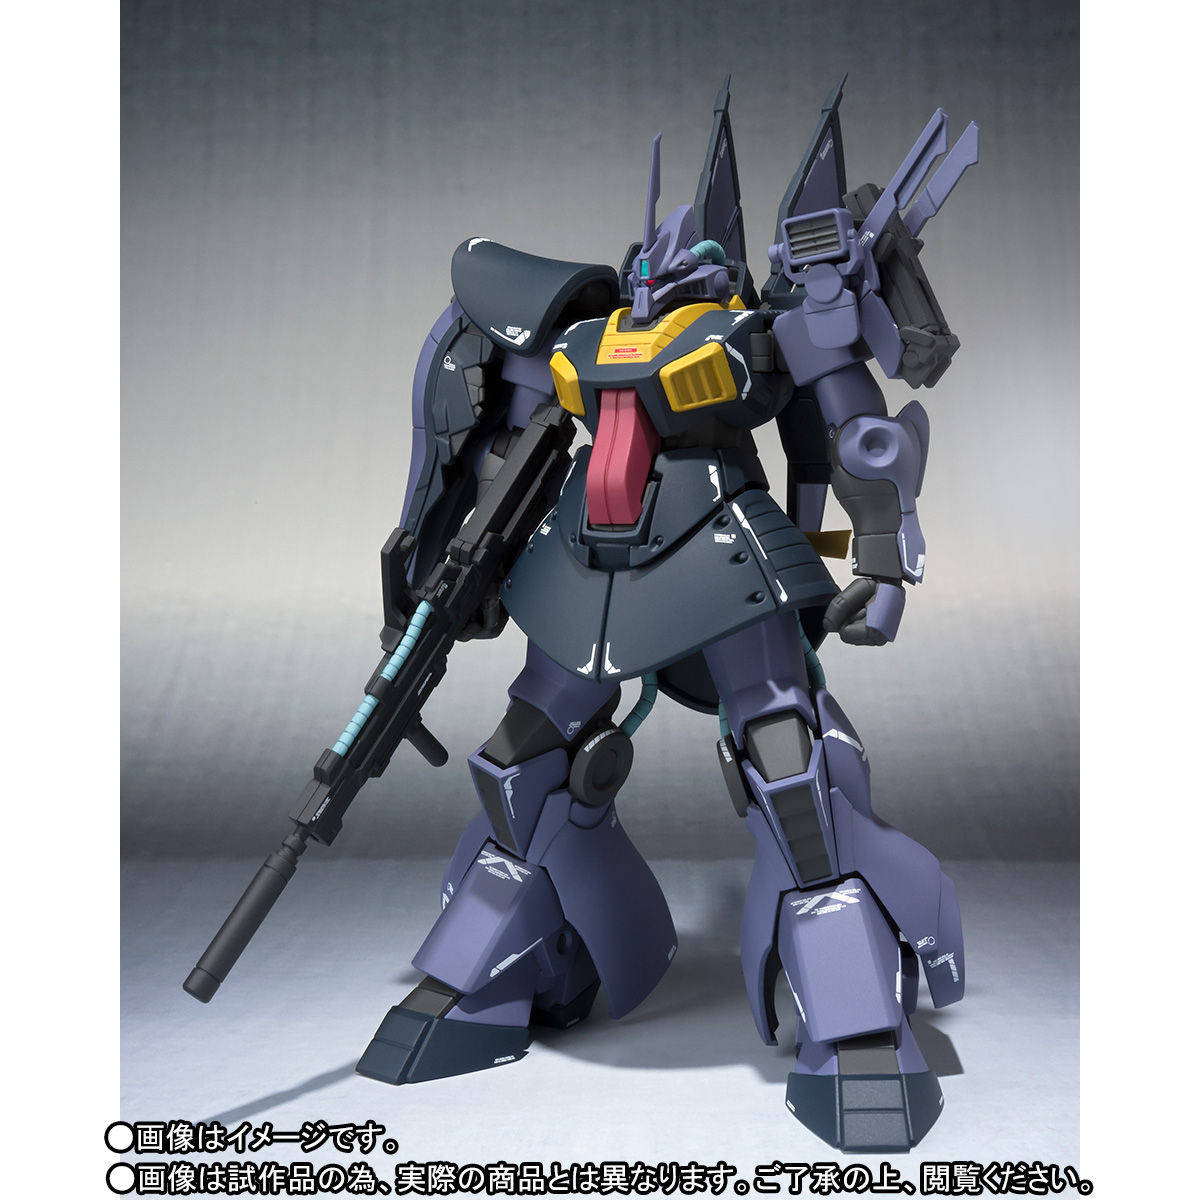 ROBOT魂(Ka signature)〈SIDE MS〉『ディジェ(ナラティブVer.)』機動戦士ガンダムNT 可動フィギュア-003